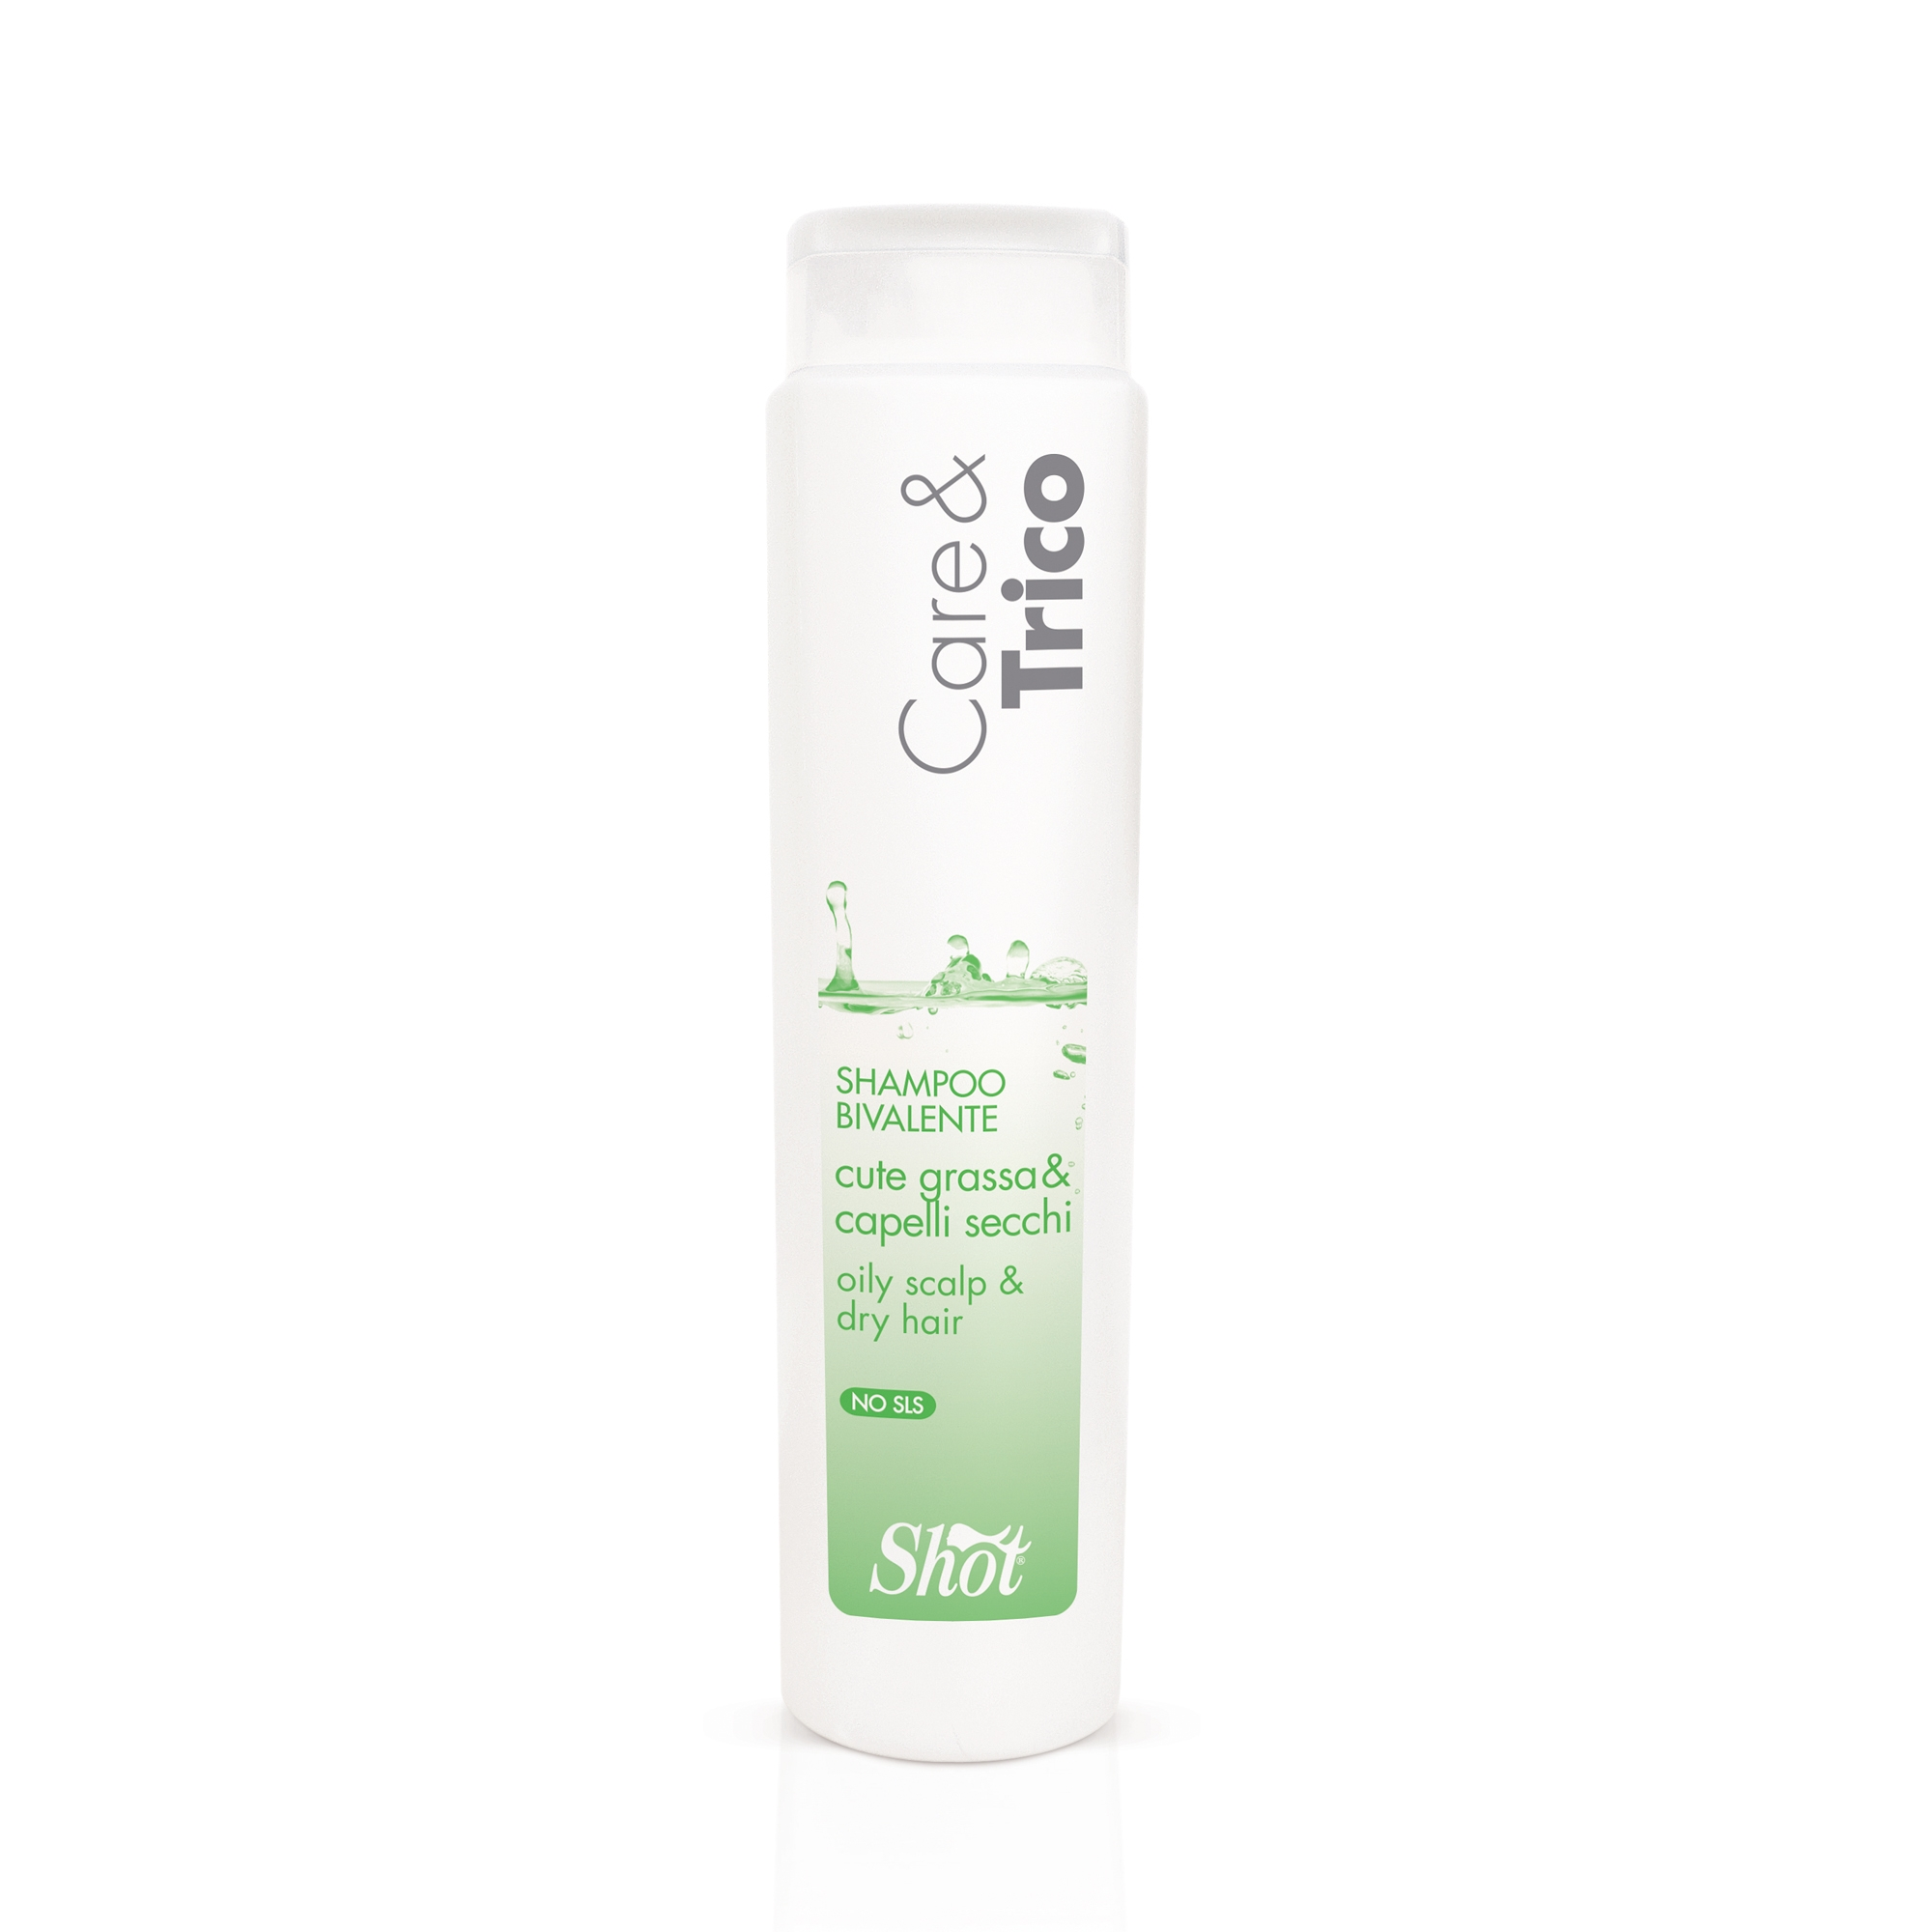 Купить SHOT Шампунь двойного действия для жирной кожи головы и сухих волос / CARE & TRICO 250 мл